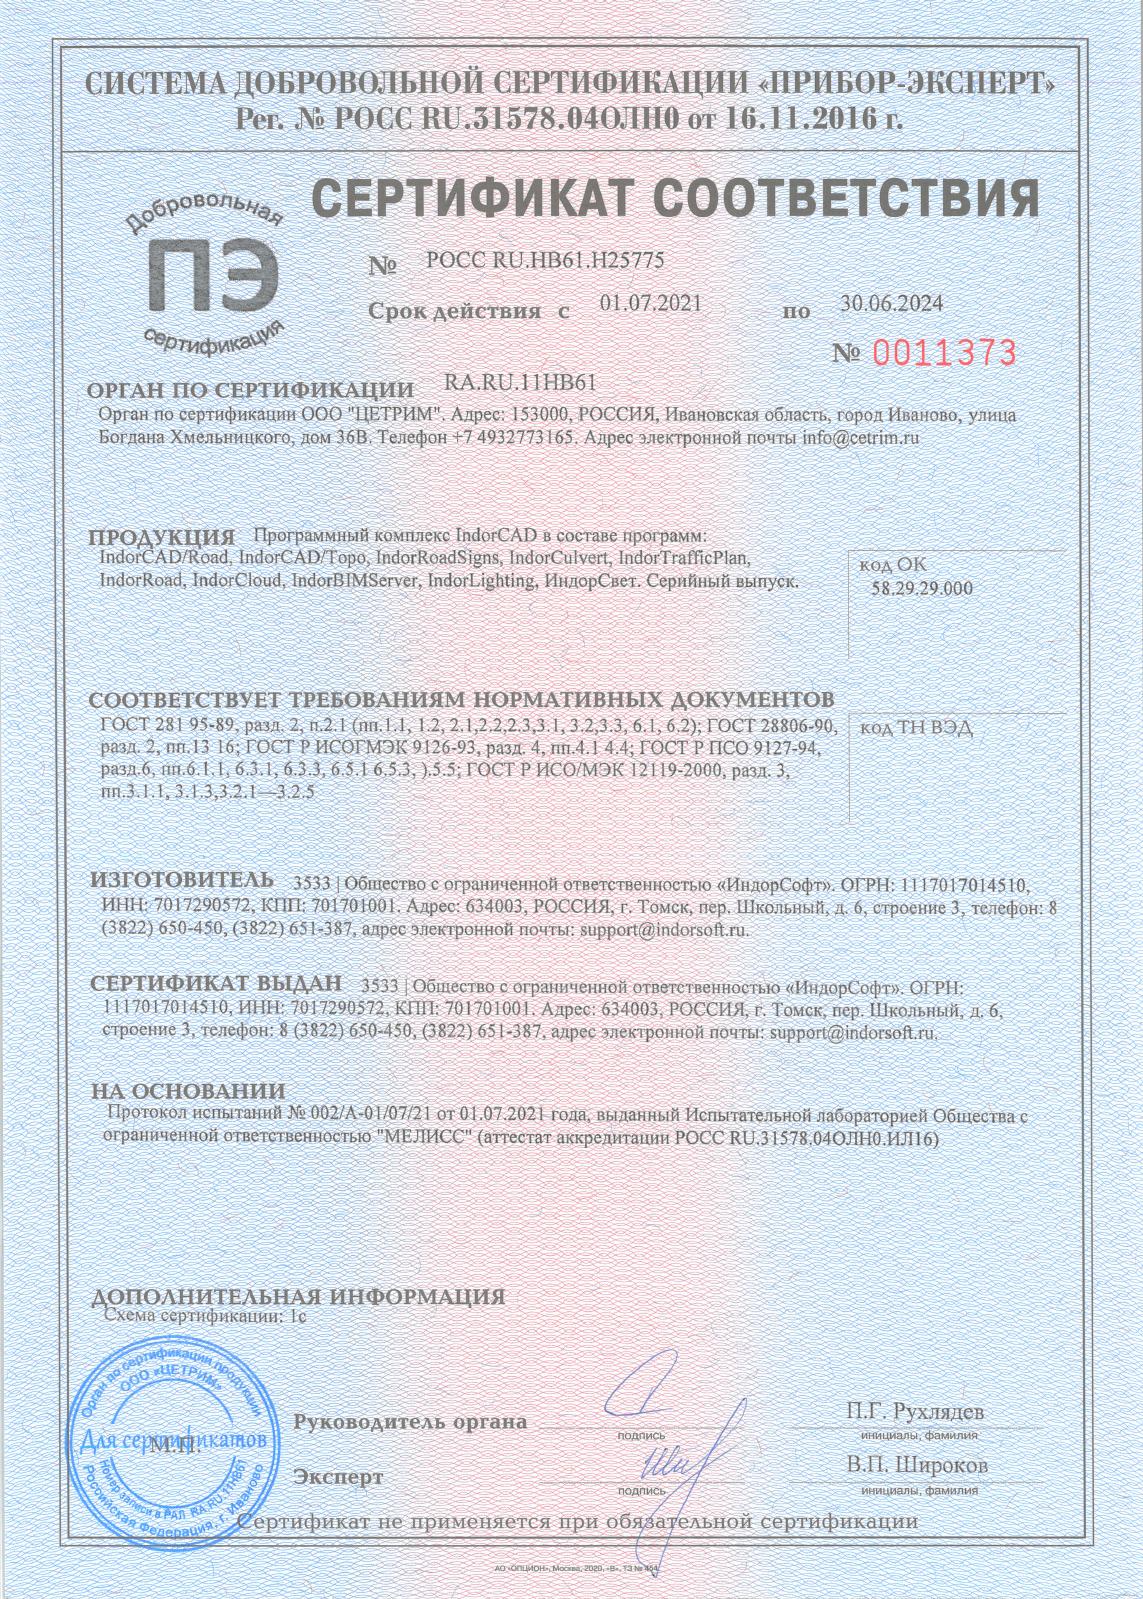 Сертификация сапр сертификация импортных товаров законодательство